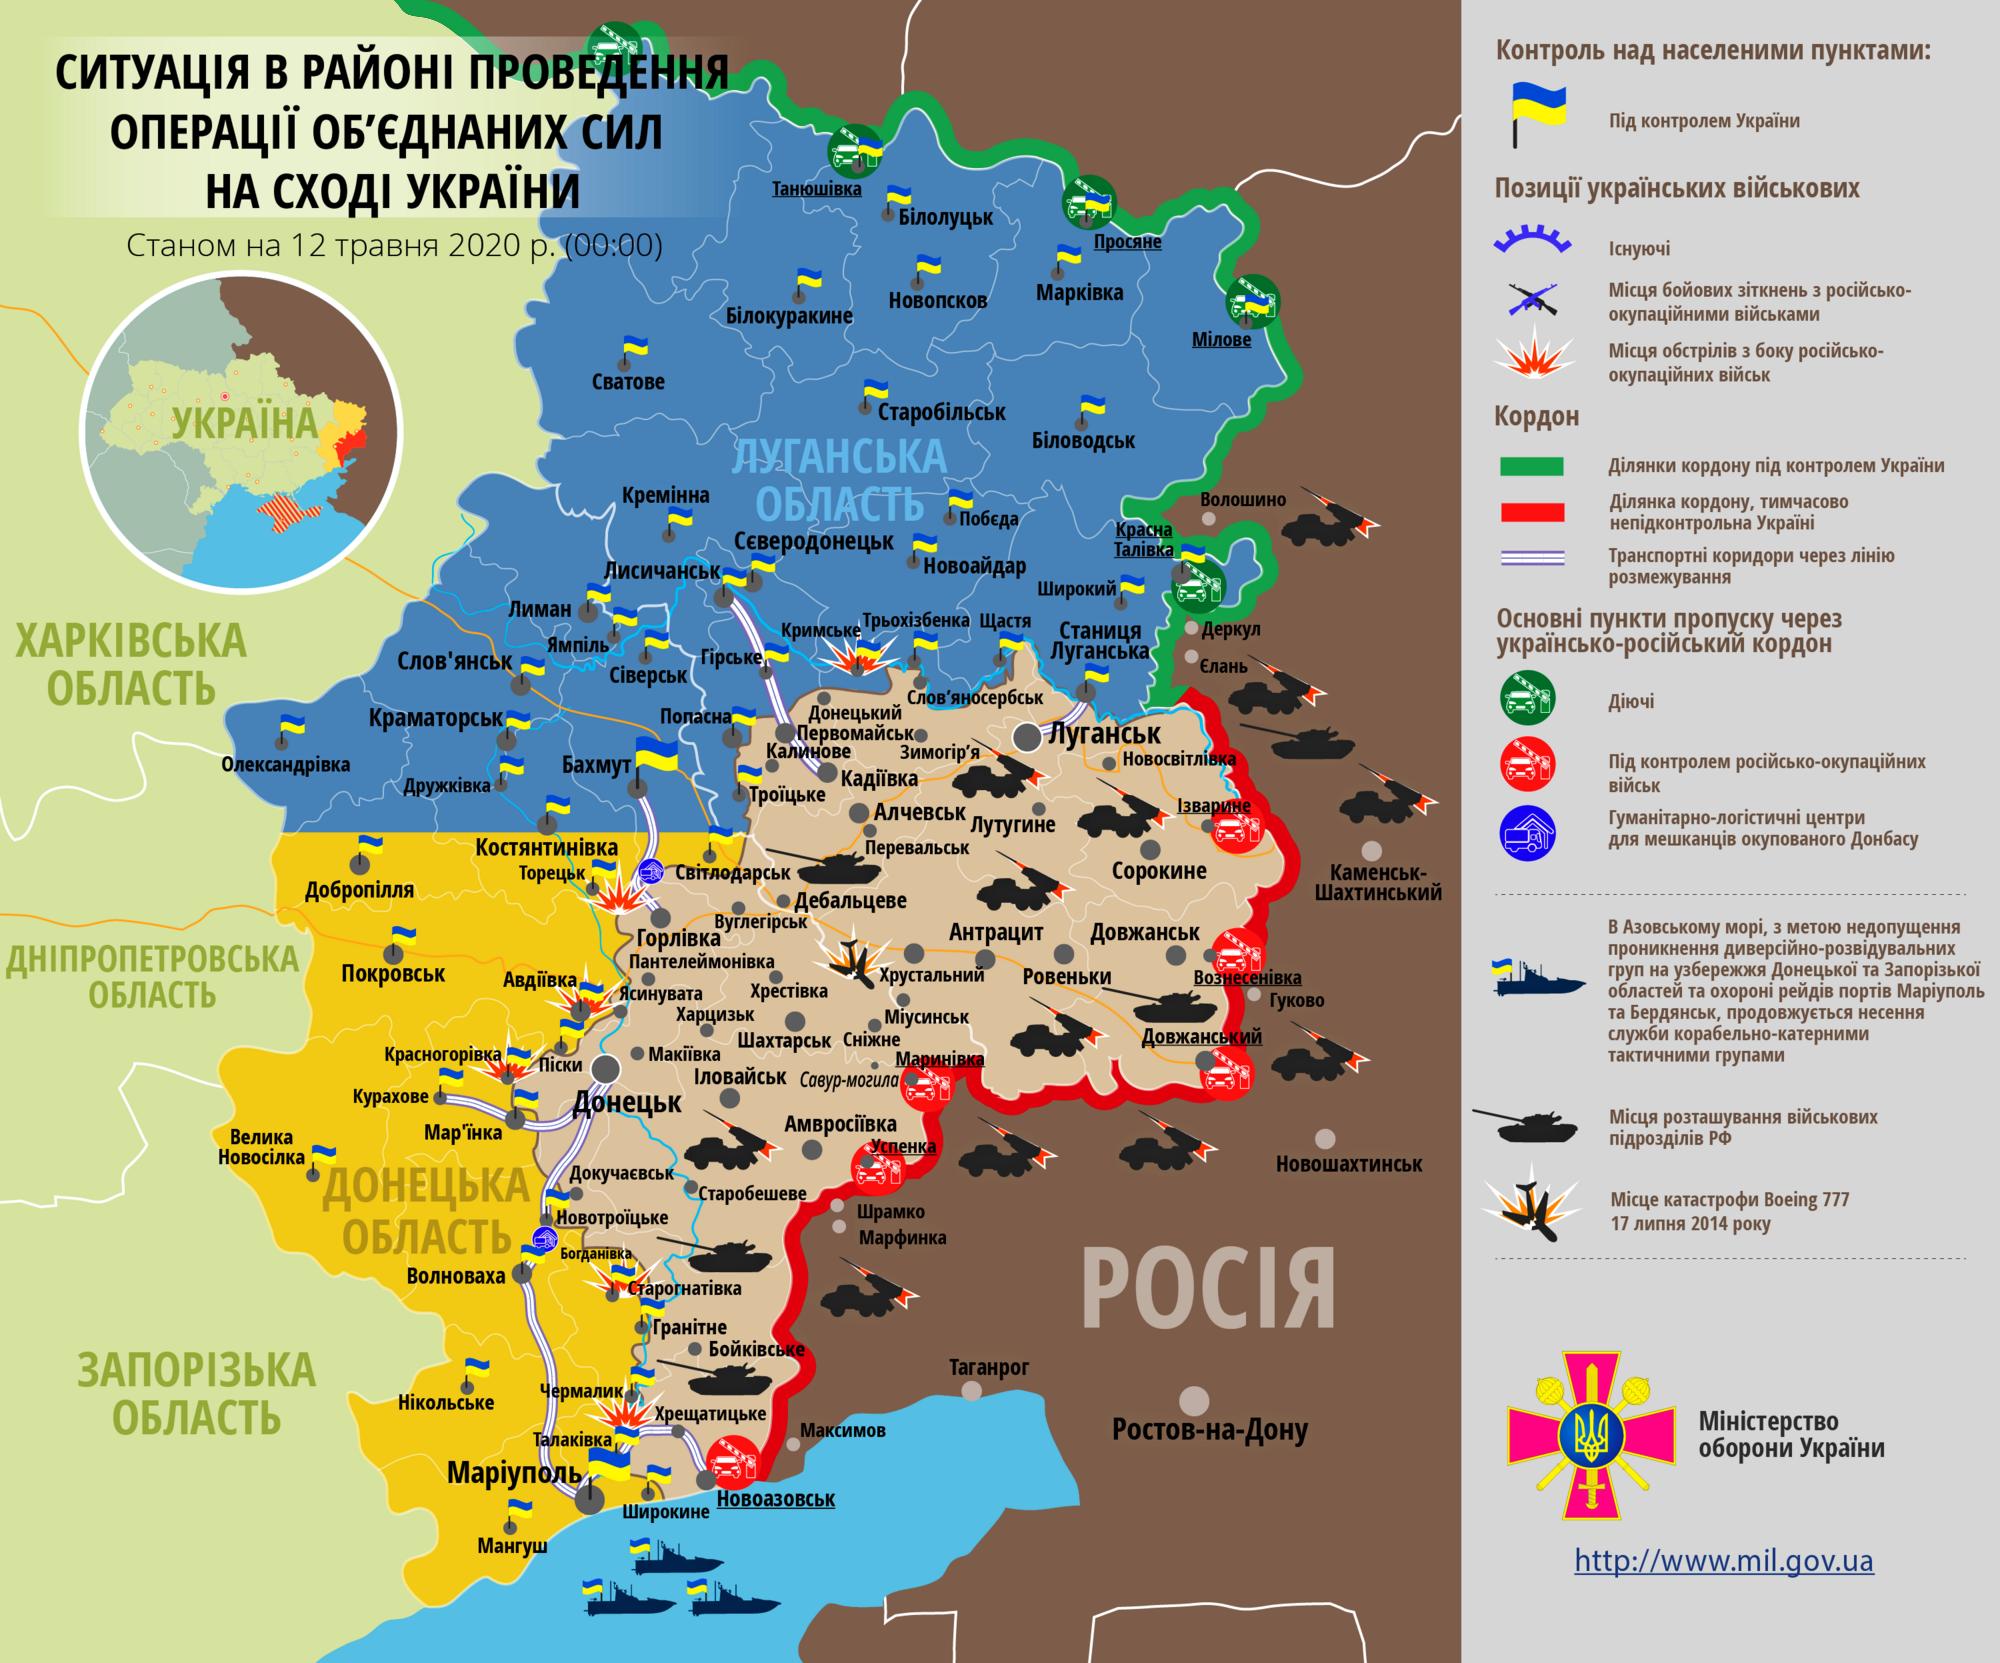 Ситуація в зоні проведення ООС на Донбасі 12 травня